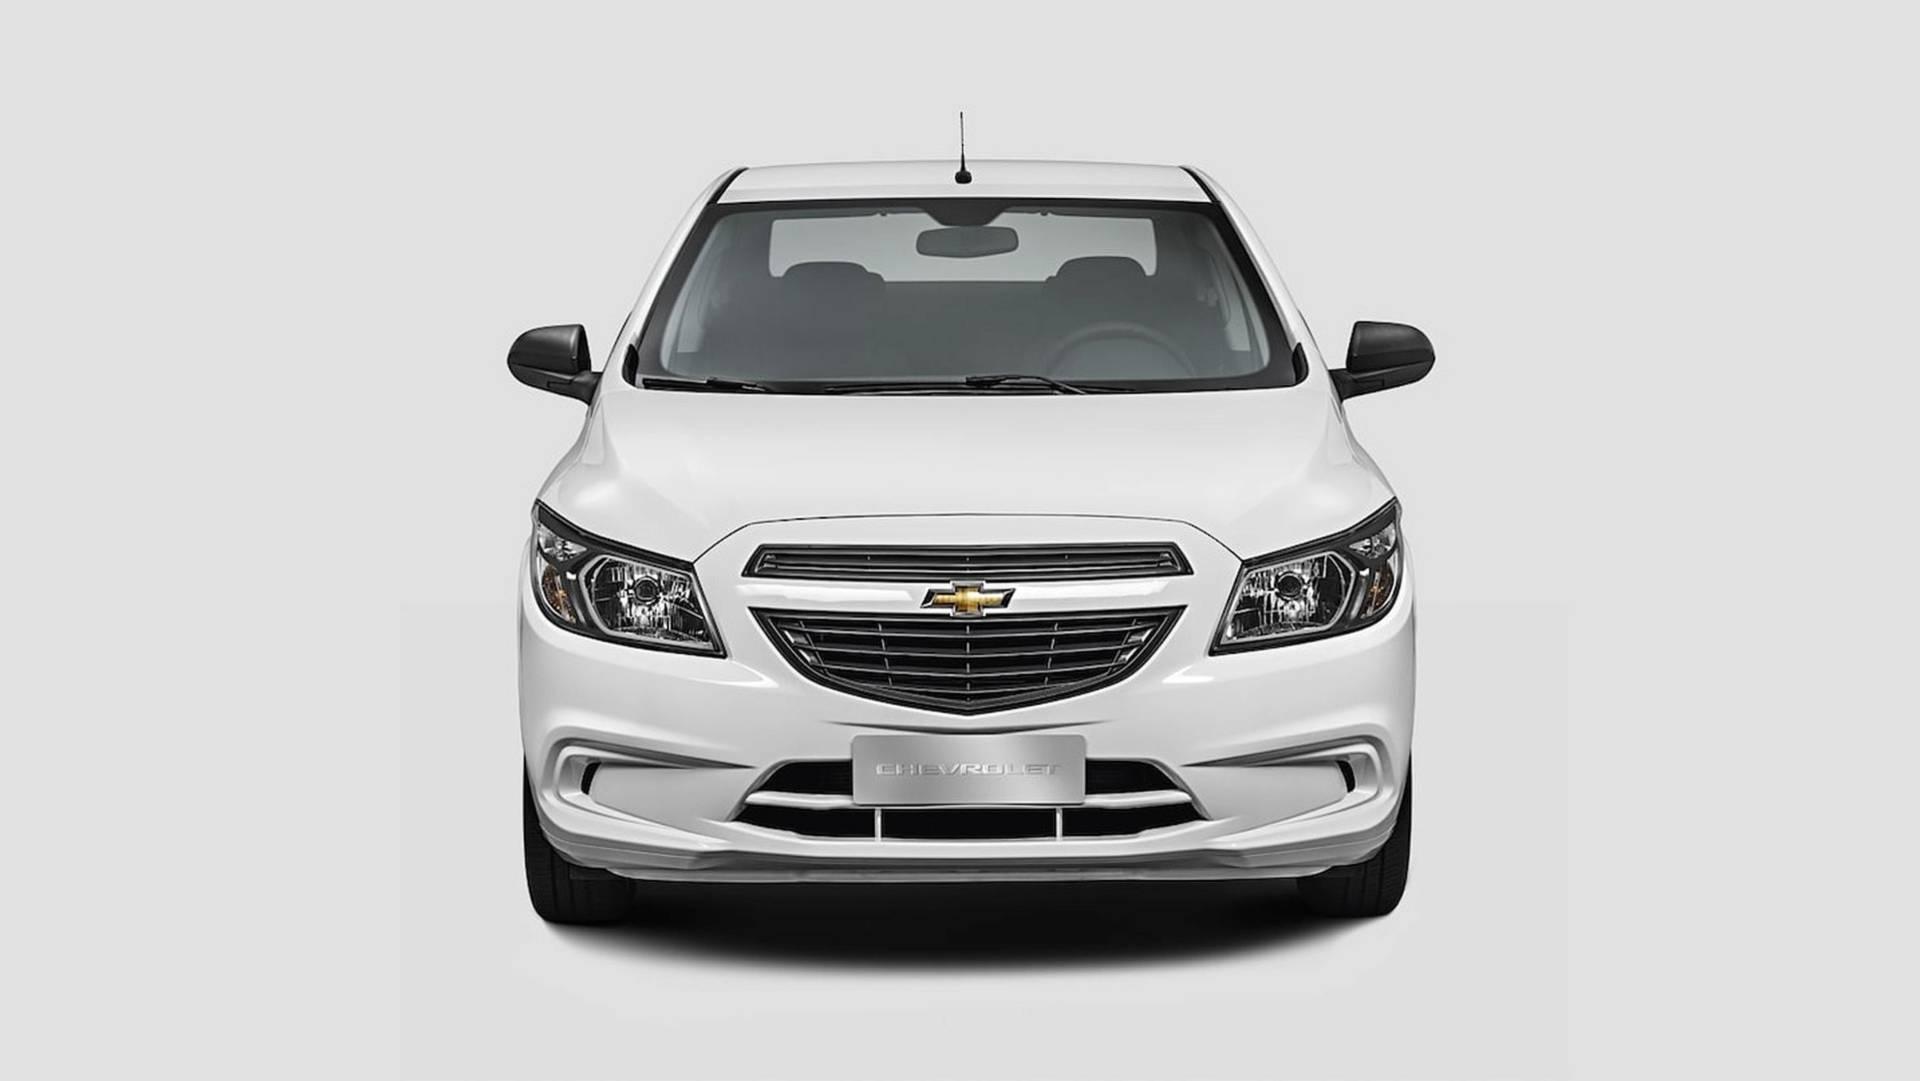 Chevrolet Prisma Joy 2019. Foto: Divulgação